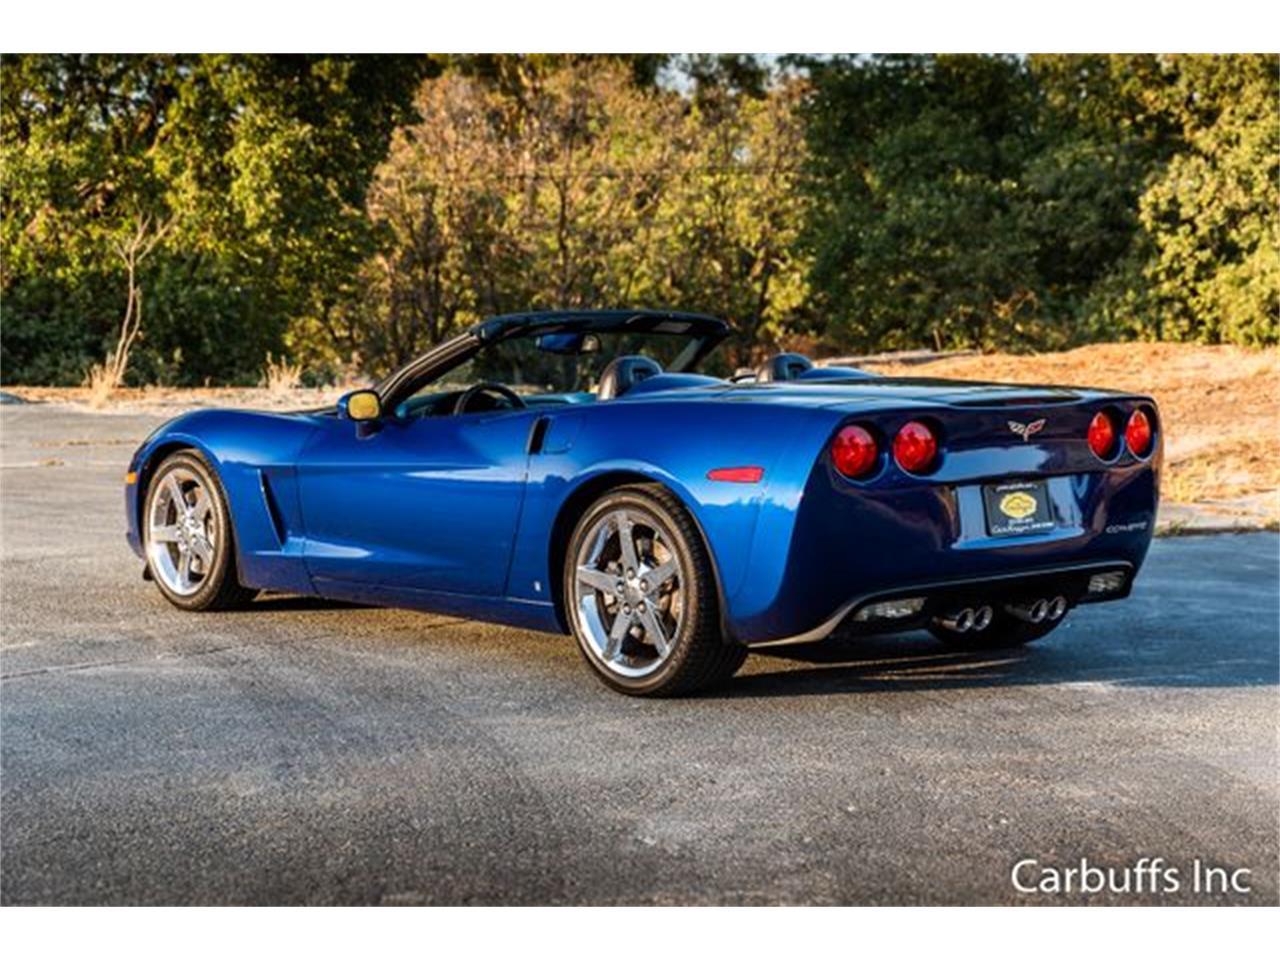 2007 Chevrolet Corvette (CC-1388081) for sale in Concord, California